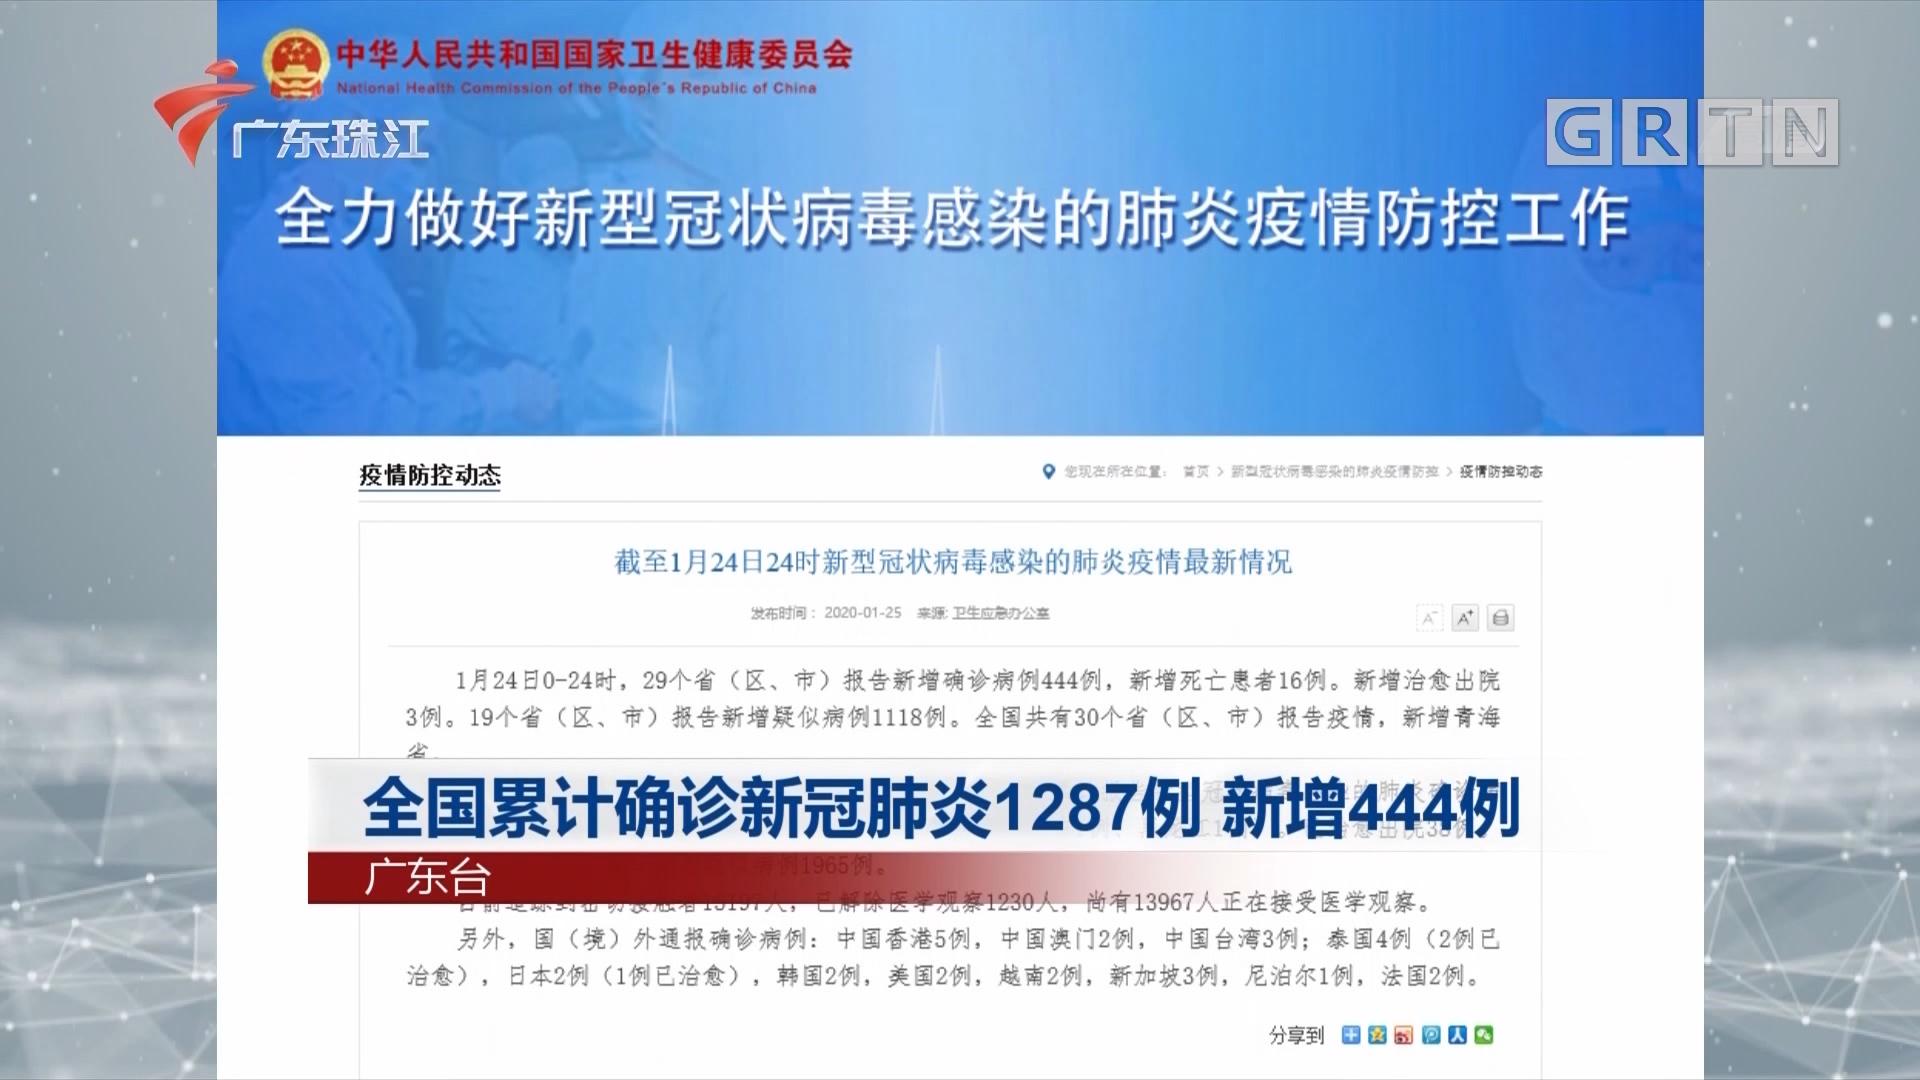 全国累计确诊新冠肺炎1287例 新增444例